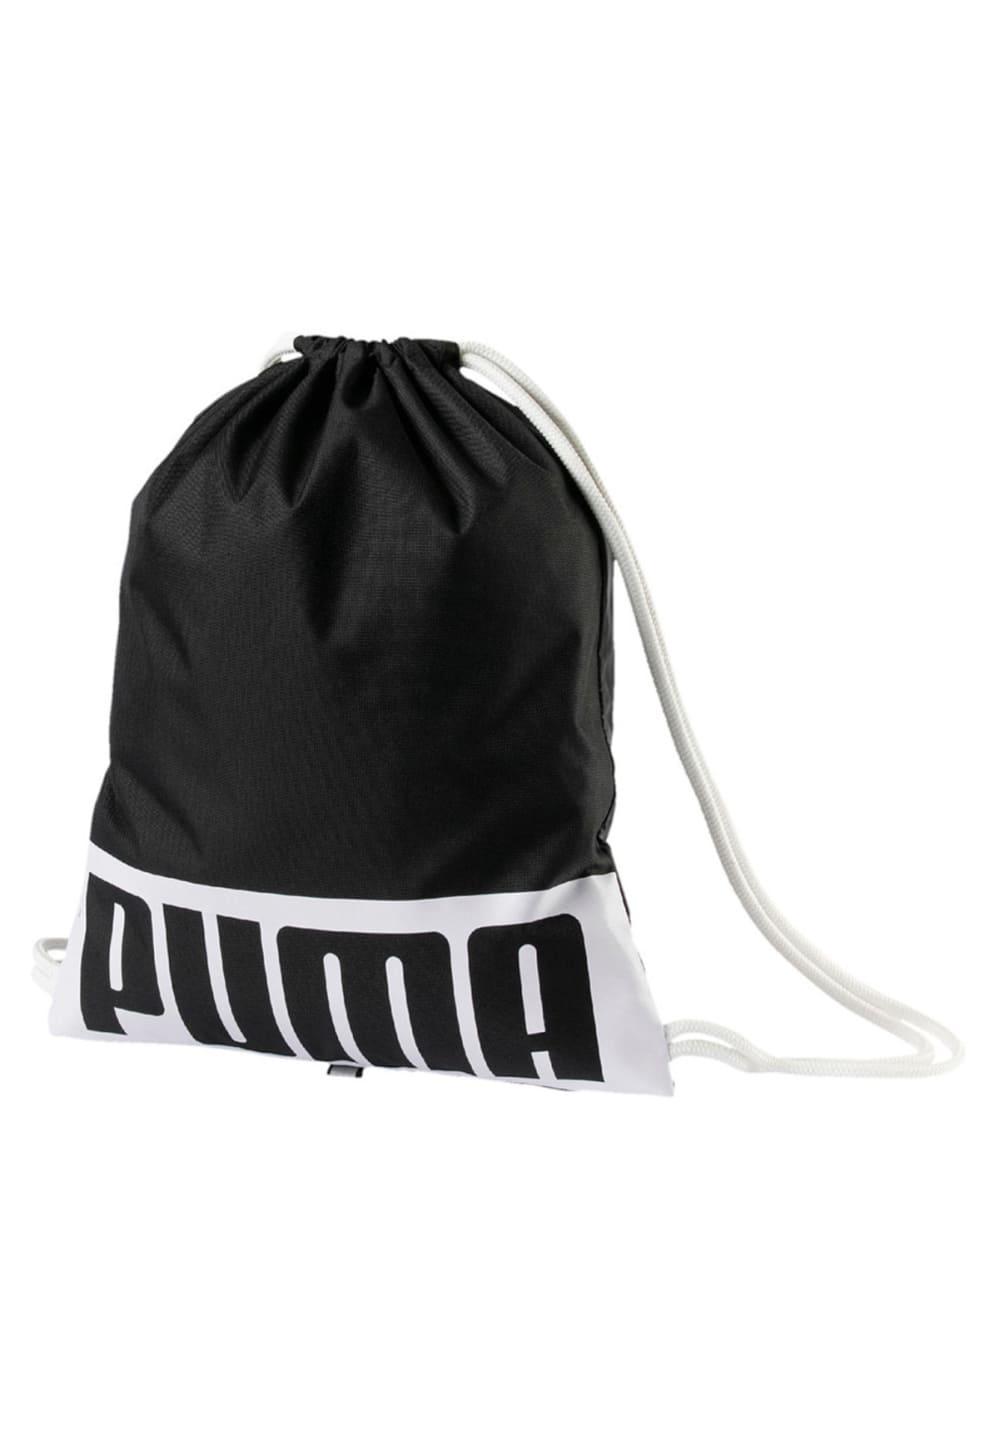 Puma Puma Deck Gym Sack Sporttaschen - Schwarz